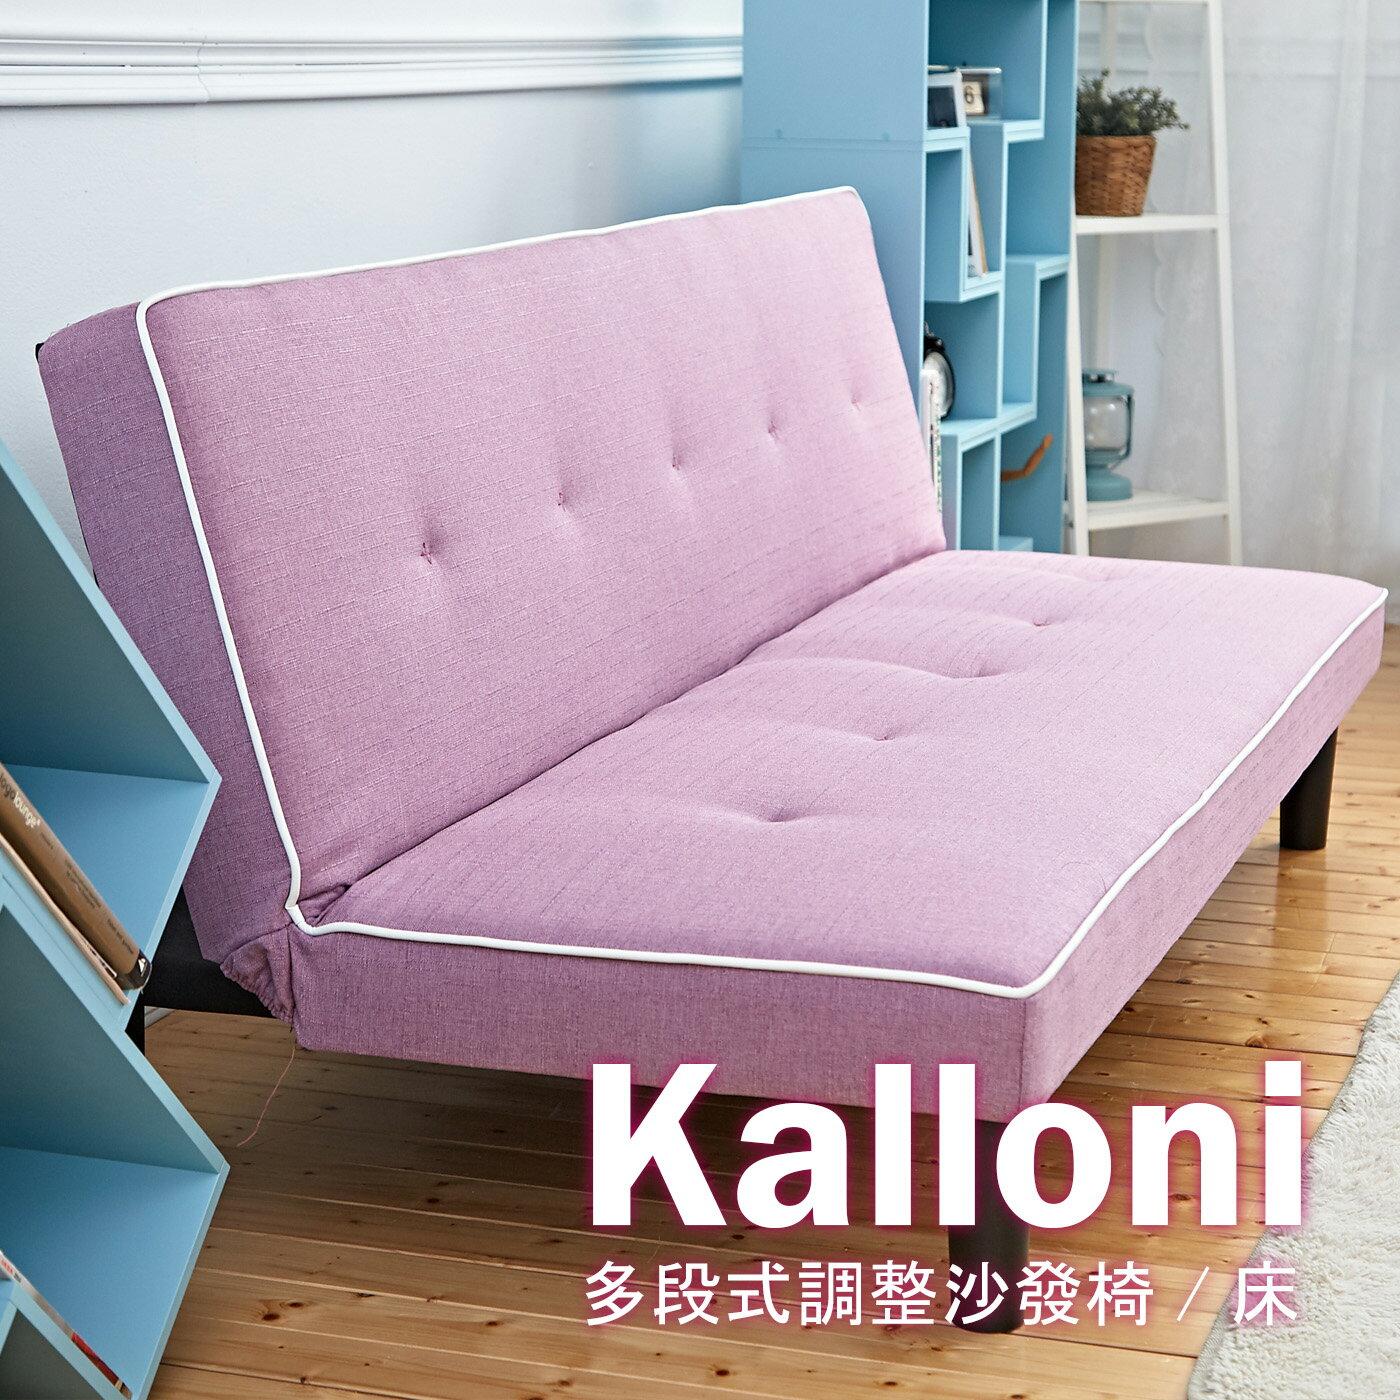 Kalloni卡洛尼多段式調整沙發床/布沙發椅★班尼斯國際家具名床 2